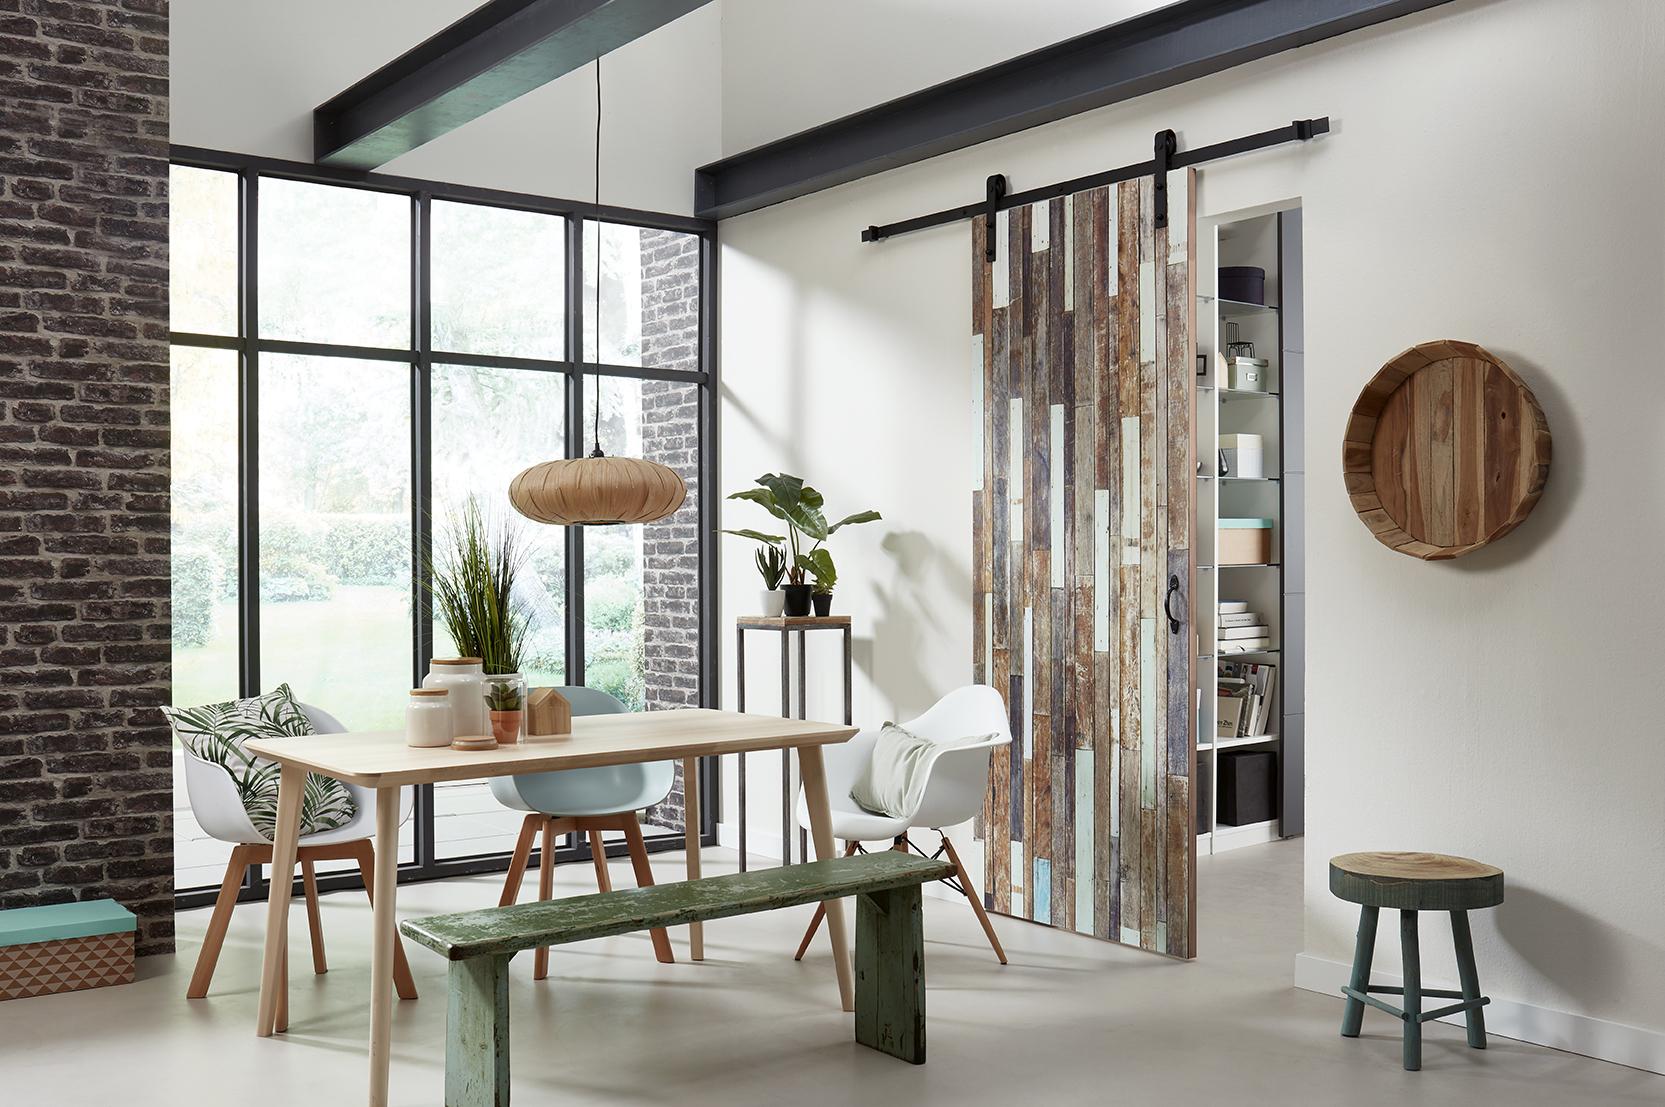 Raamdecoratie kopen bekijk alle raamdecoratie aanbiedingen praxis